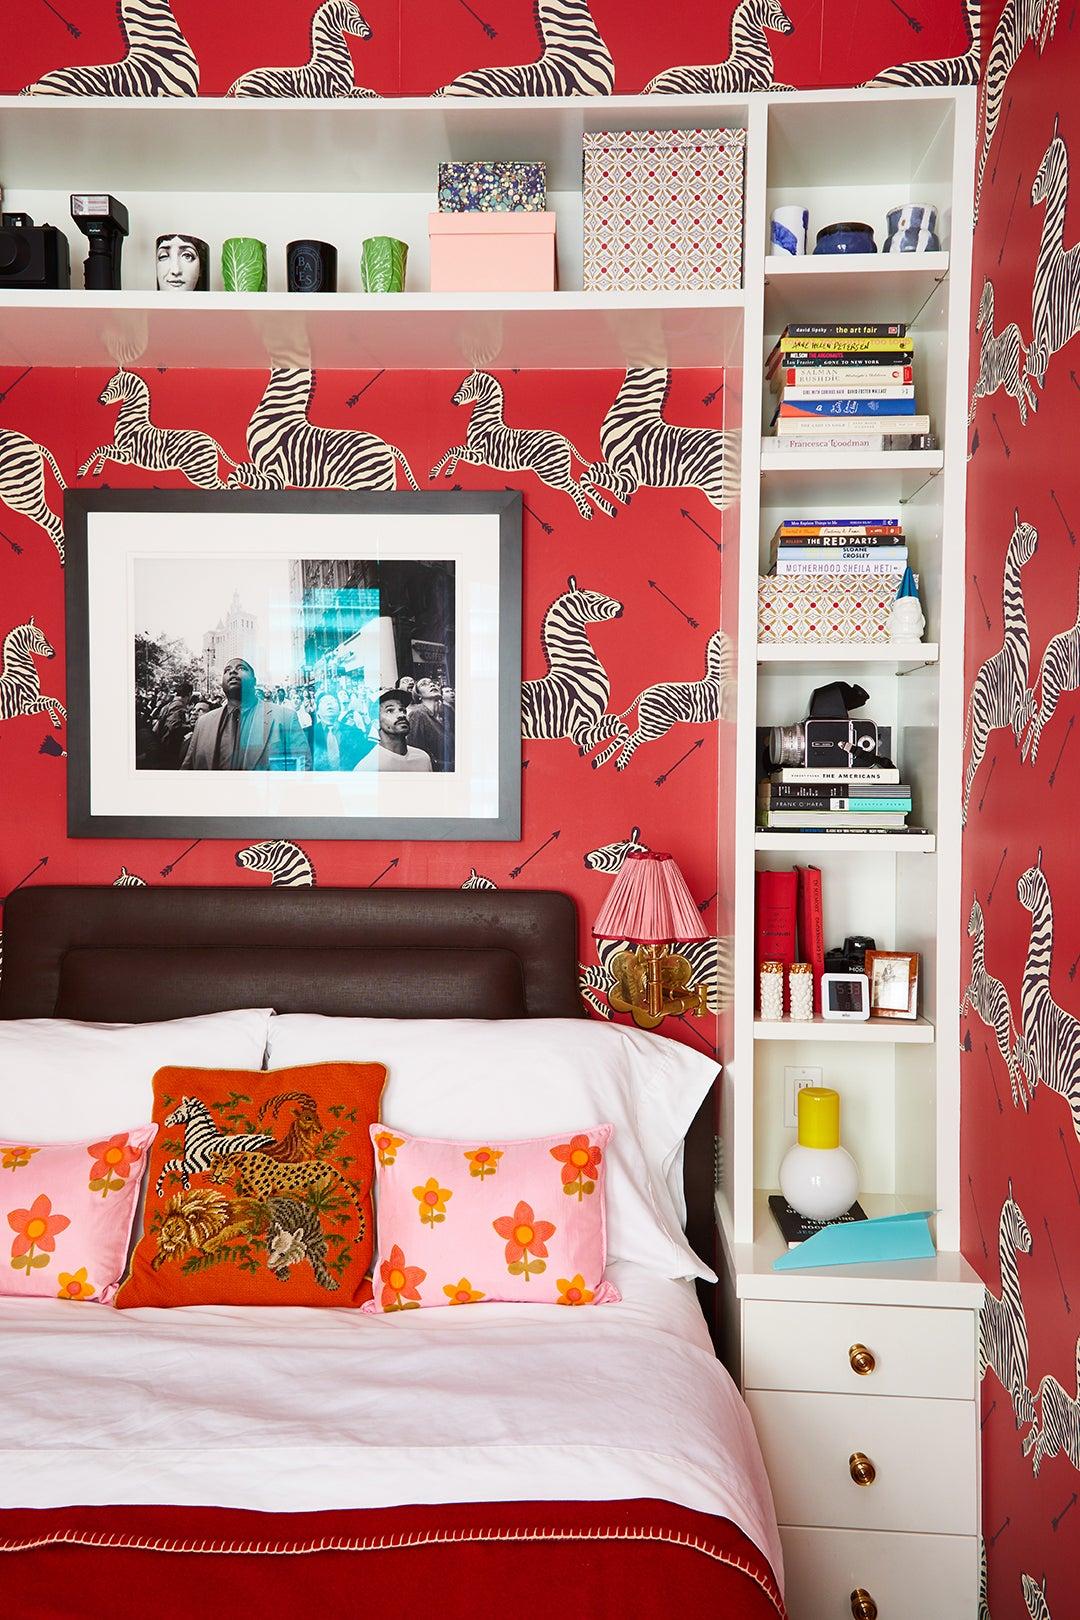 red scalamandre zebras bedroom